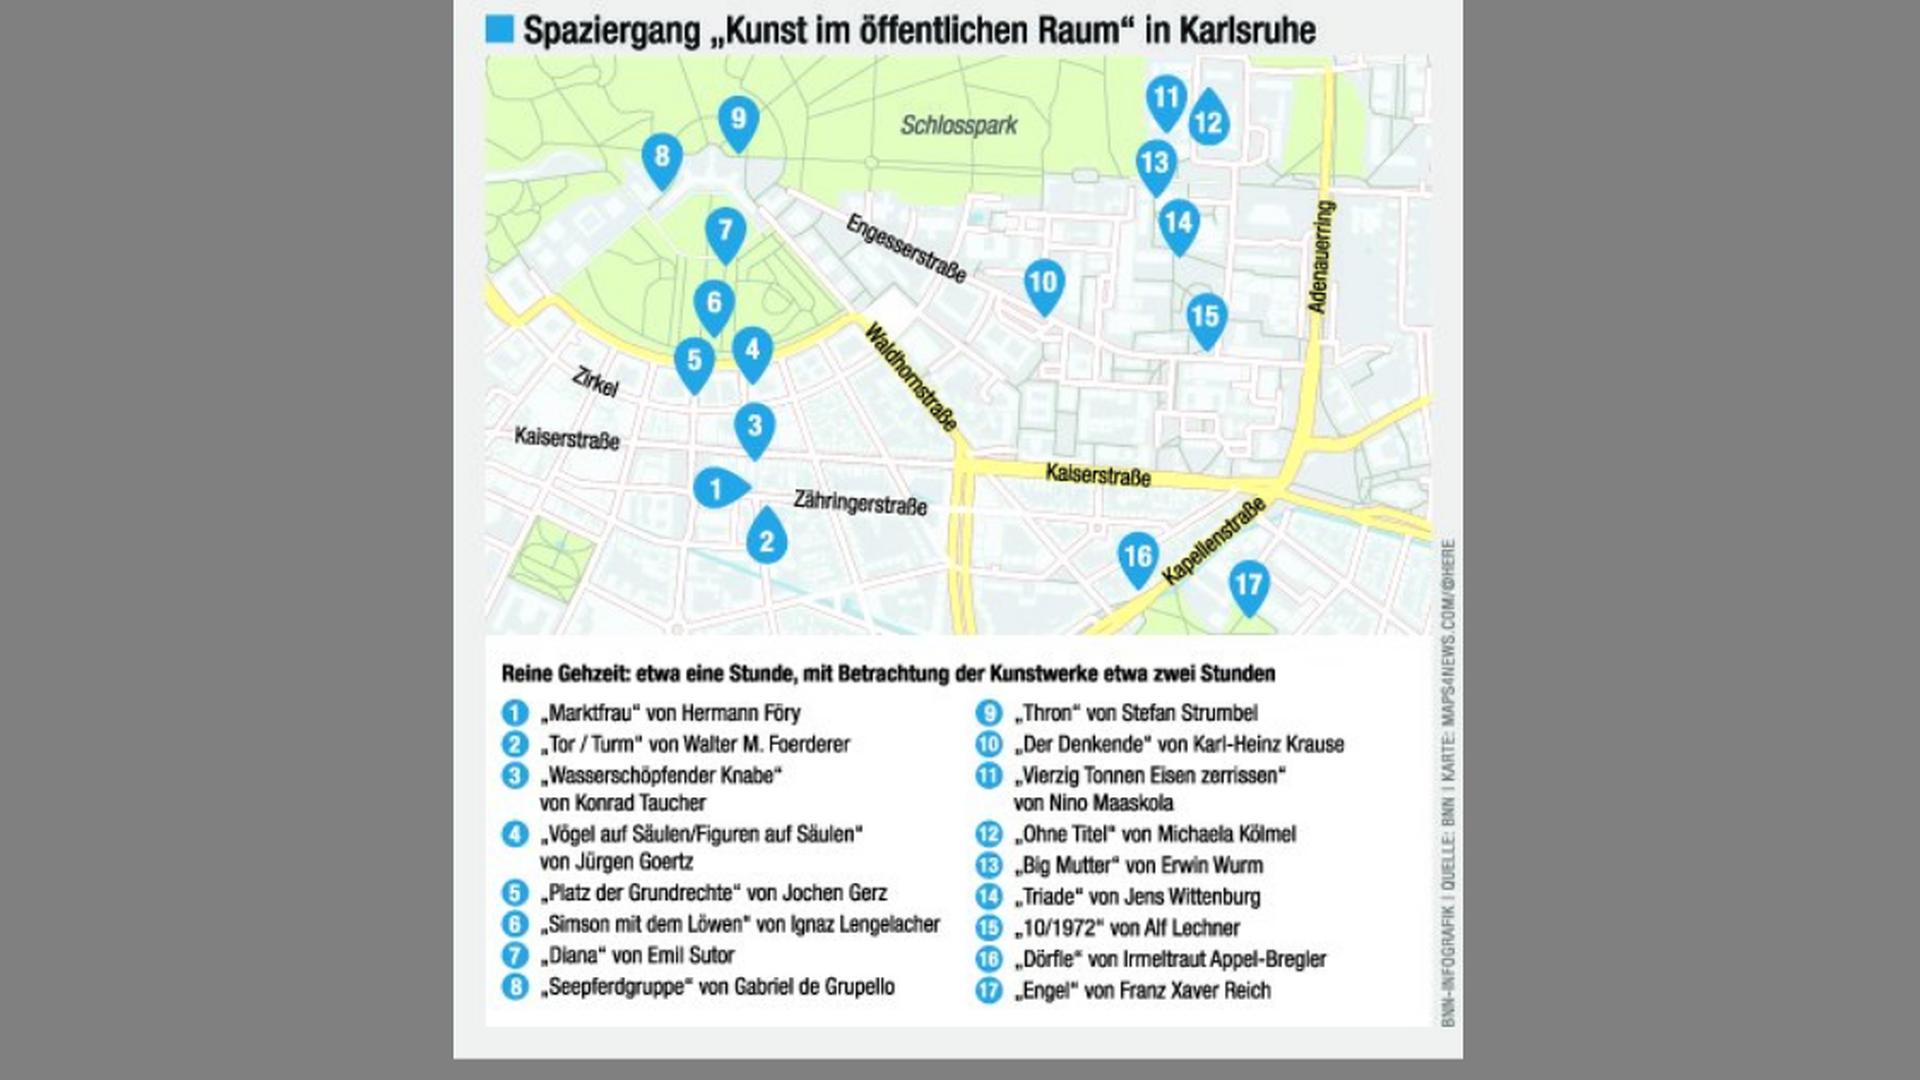 Exklusiv für die BNN hat der Karlsruher Künstler Karlheinz Bux eine etwa zweistündige Kunst-Tour durch die Innenstadt erstellt.